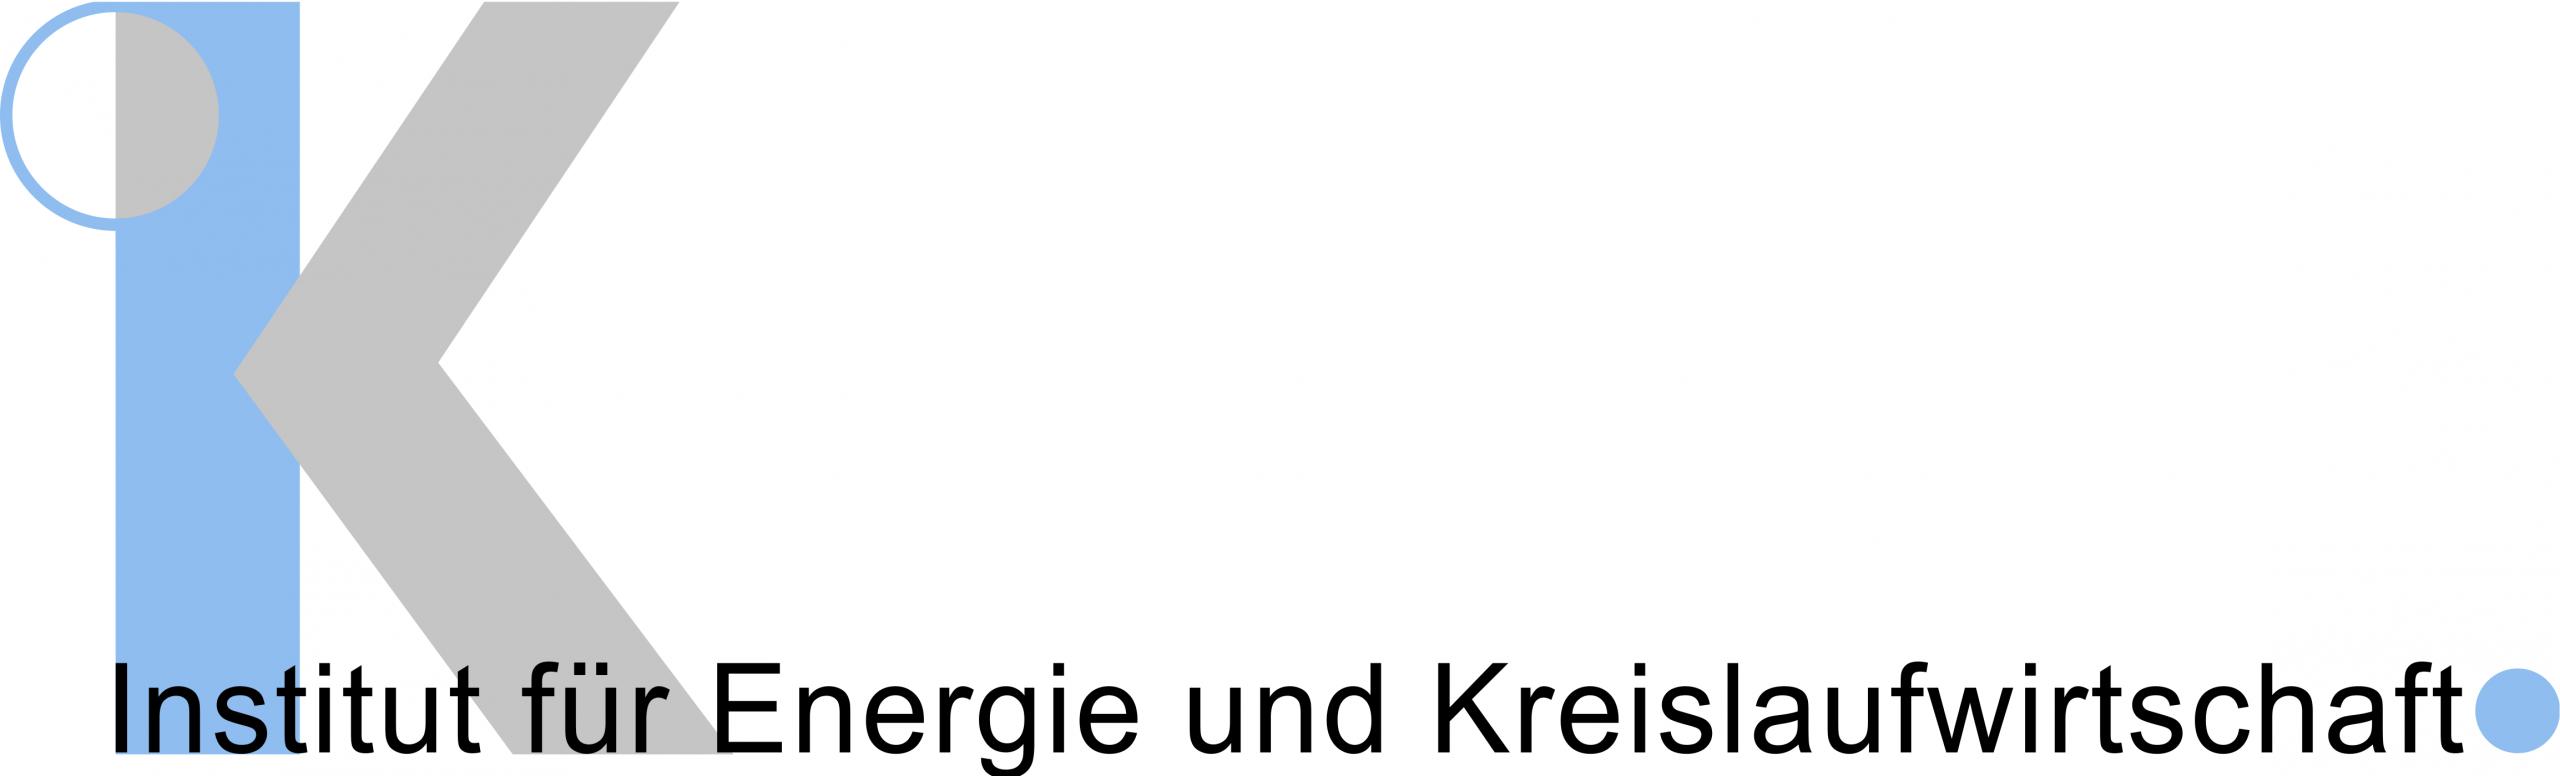 Institut für Energie und Kreislaufwirtschaft (IEKrW)